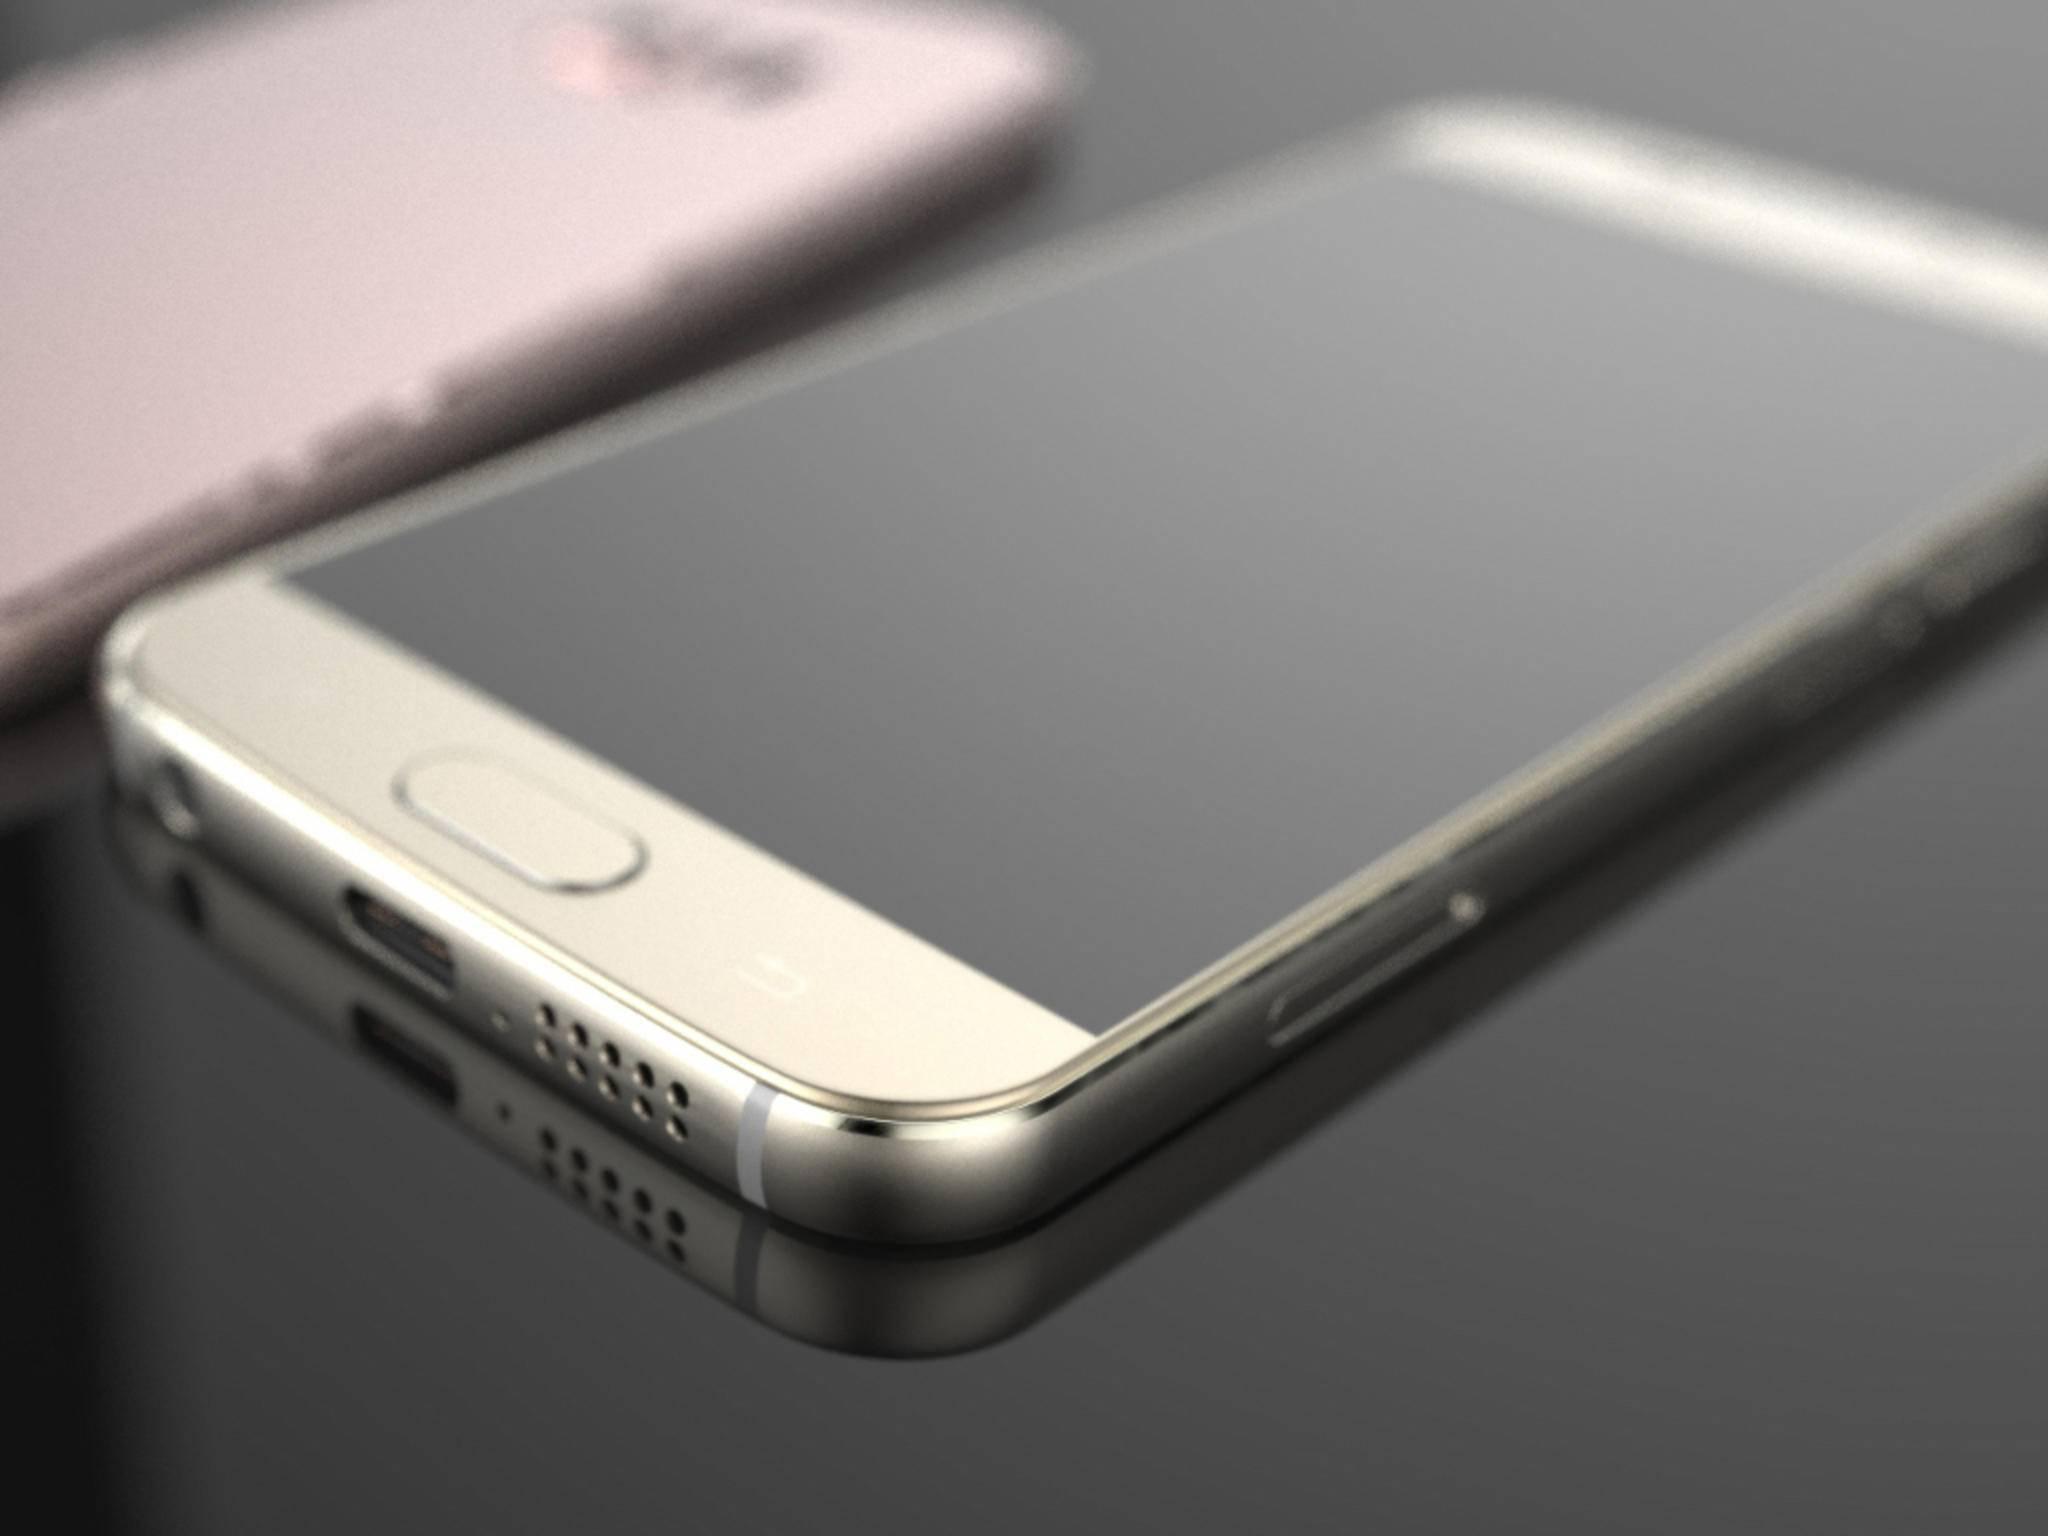 Die Akku-Kapazität des Galaxy S7 soll deutlich anwachsen.